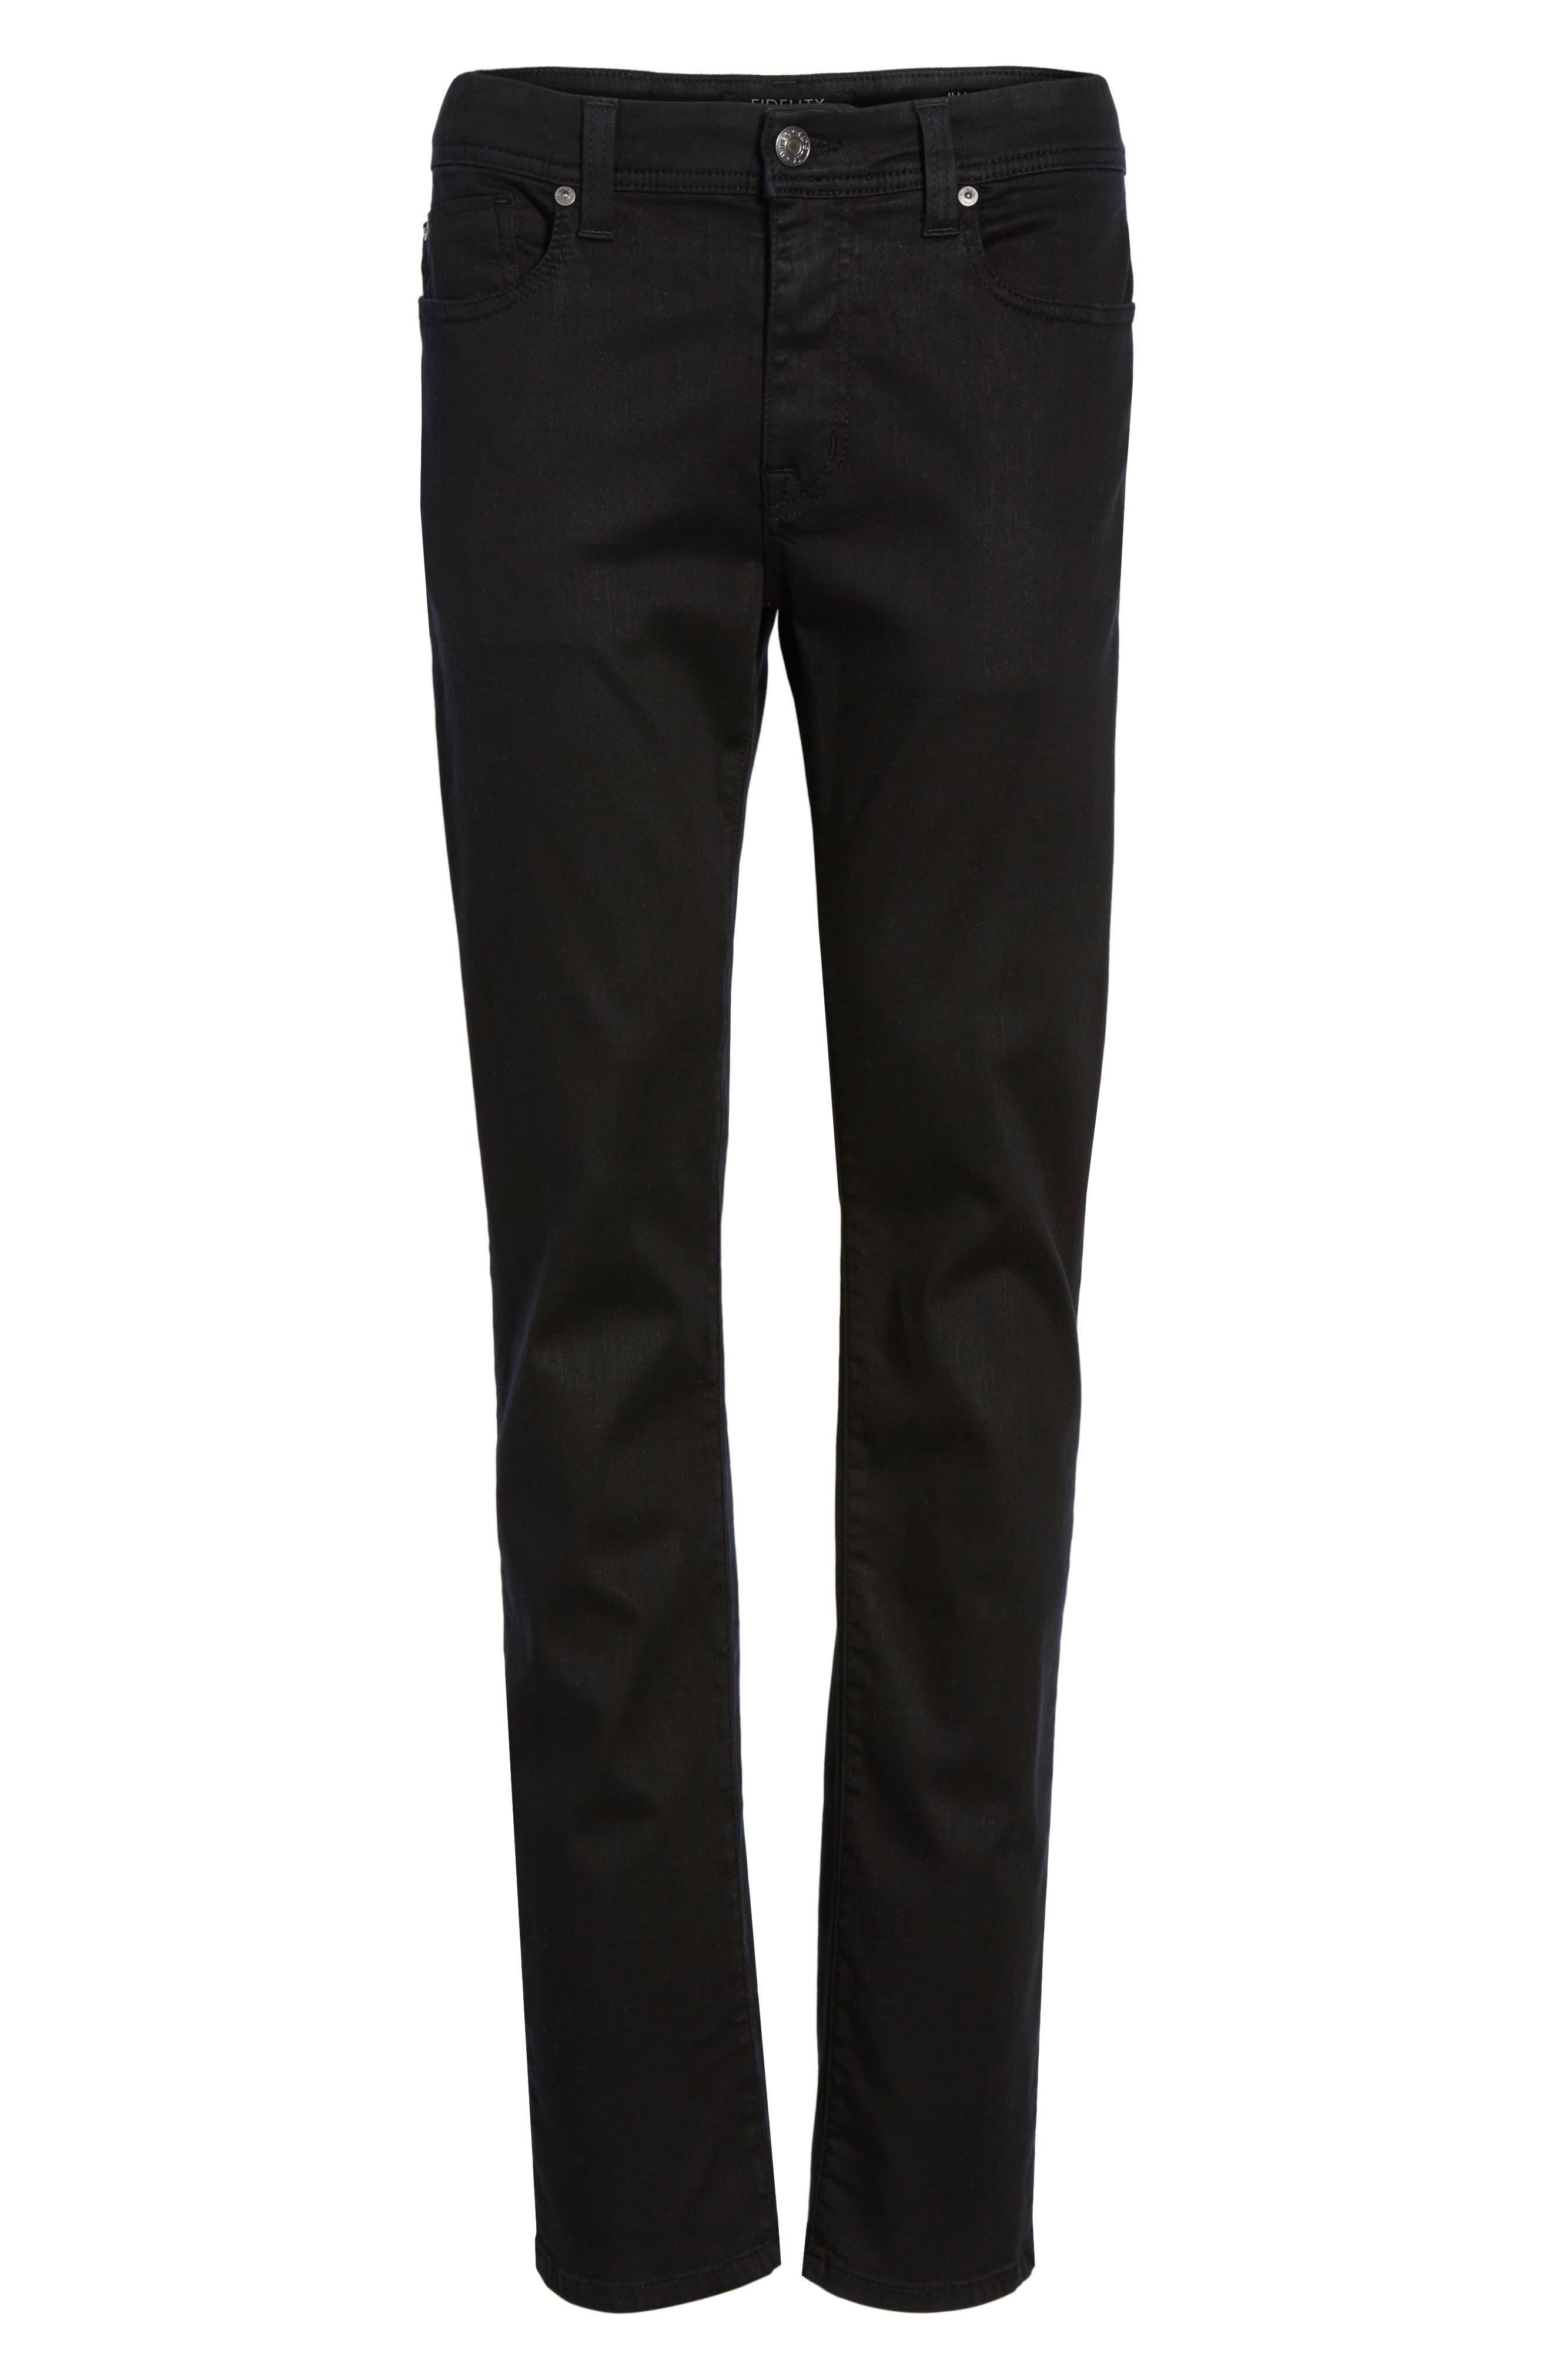 Jimmy Lumina Slim Straight Leg Twill Pants,                             Alternate thumbnail 6, color,                             BLACK